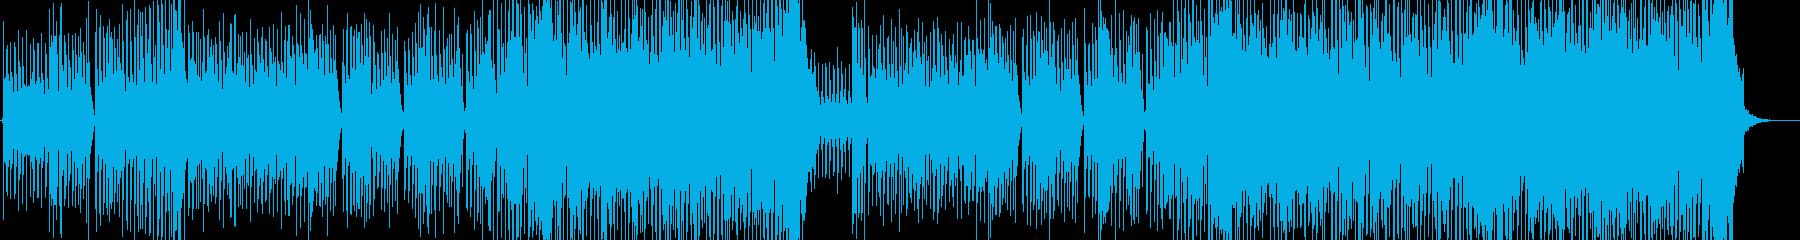 ウェイ系EDMバカ騒ぎパーティー洋楽の再生済みの波形